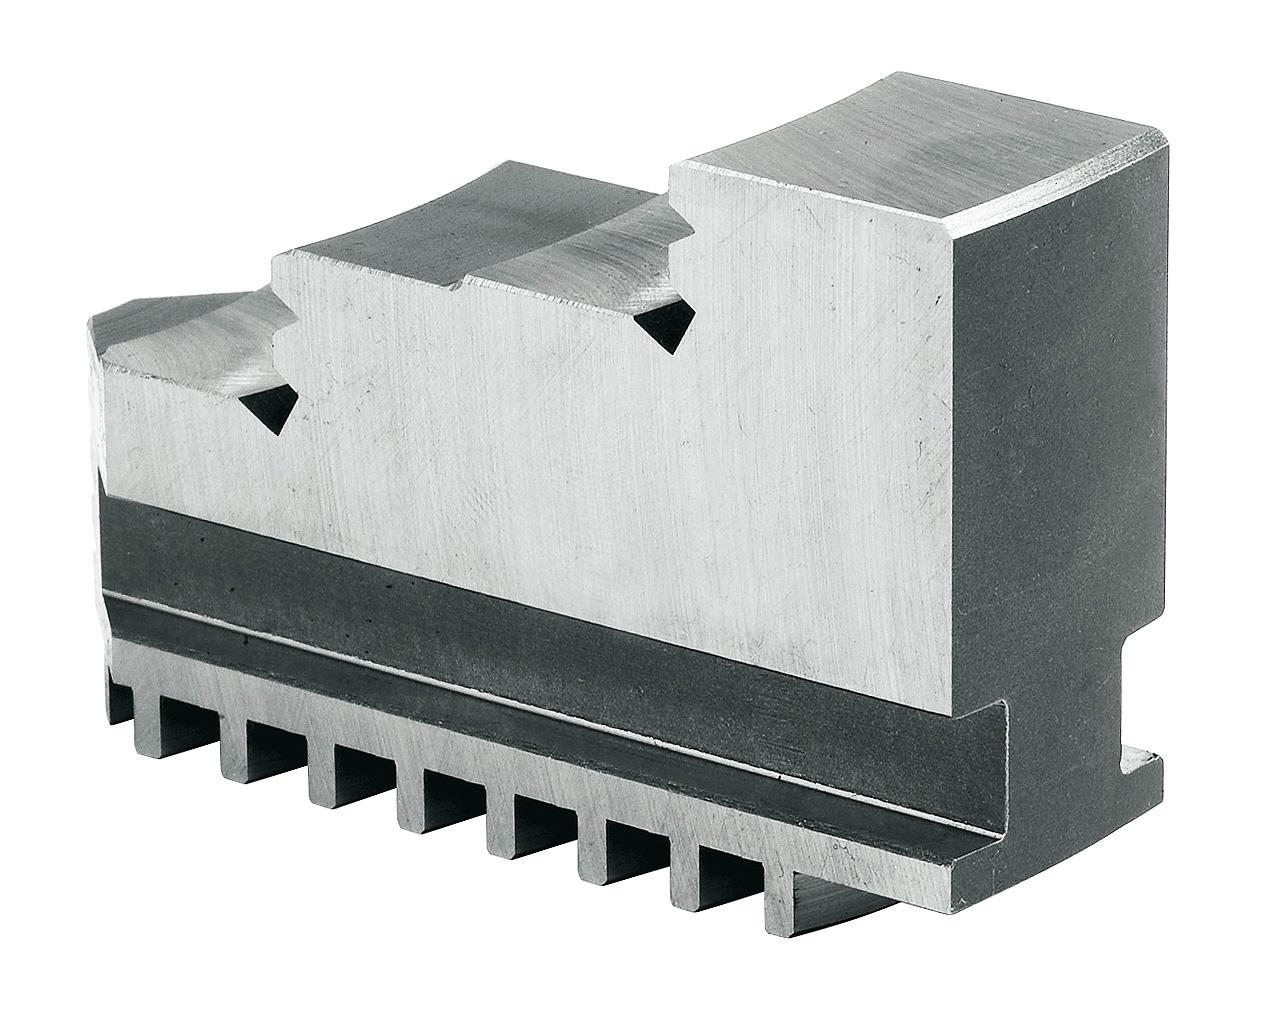 Szczęki jednolite twarde wewnętrzne - komplet IJ-PS3-125 BERNARDO